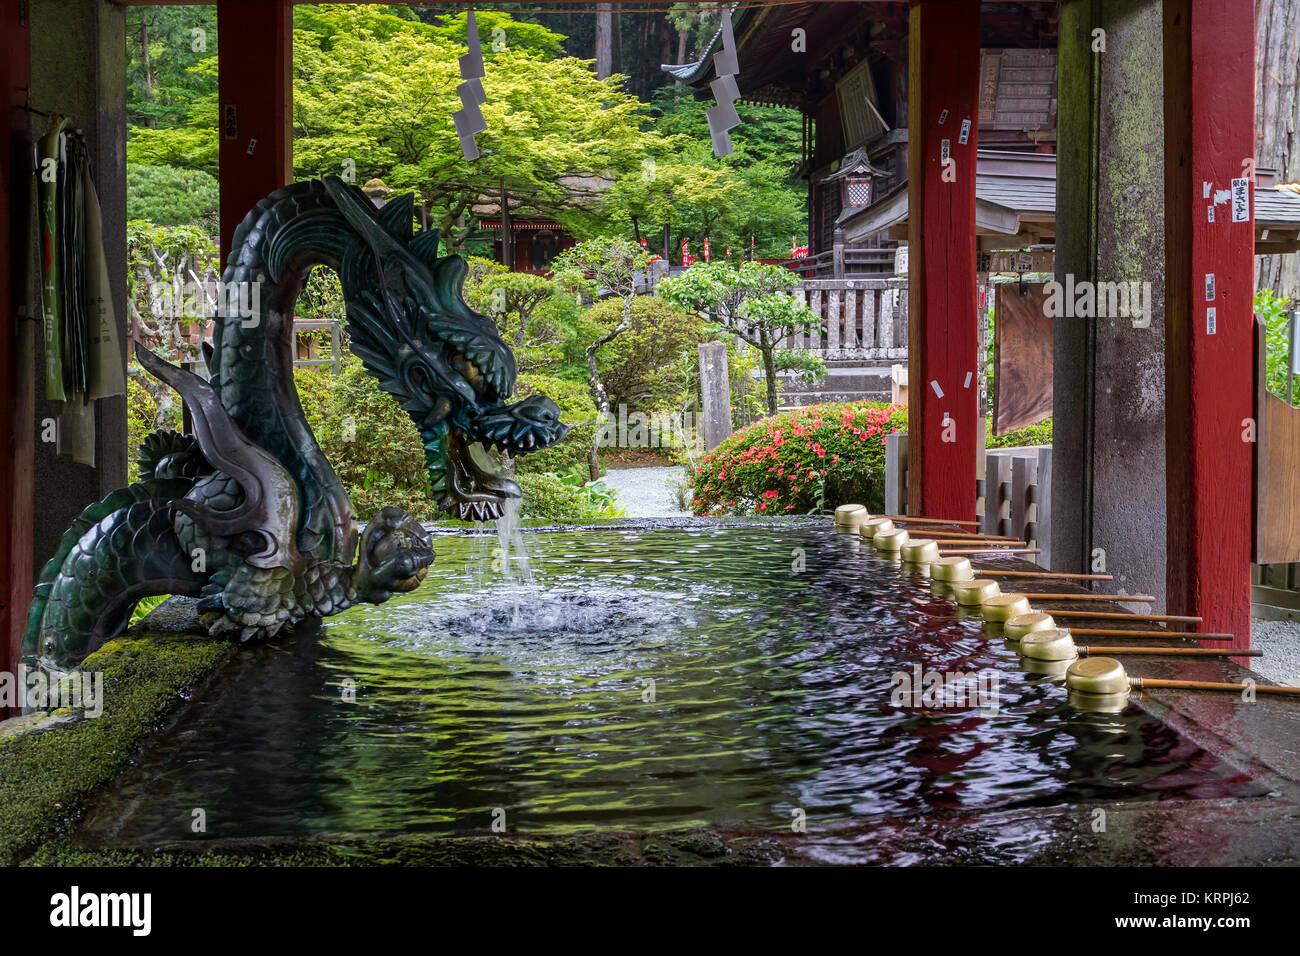 Fujiyoshida city- Japan, June 13, 2017: Purification basin with a water dragon at Fujiyoshida Sengen Shrine in Fujiyoshida - Stock Image